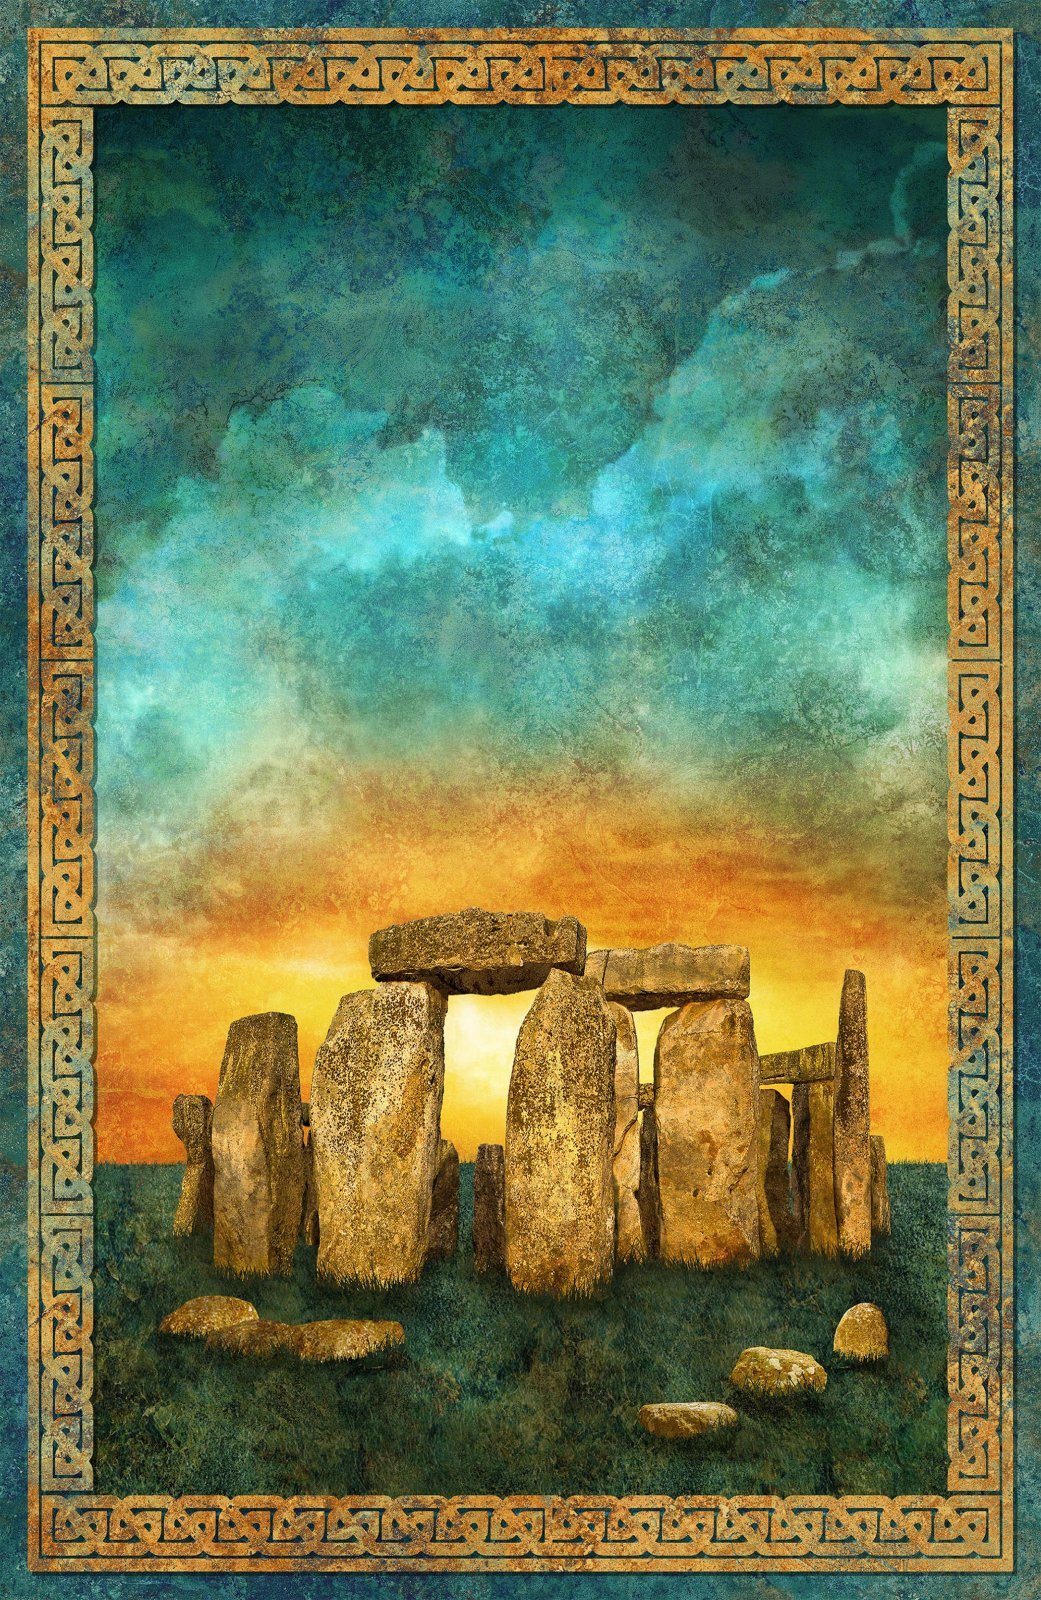 Stonehenge Solstice Panel